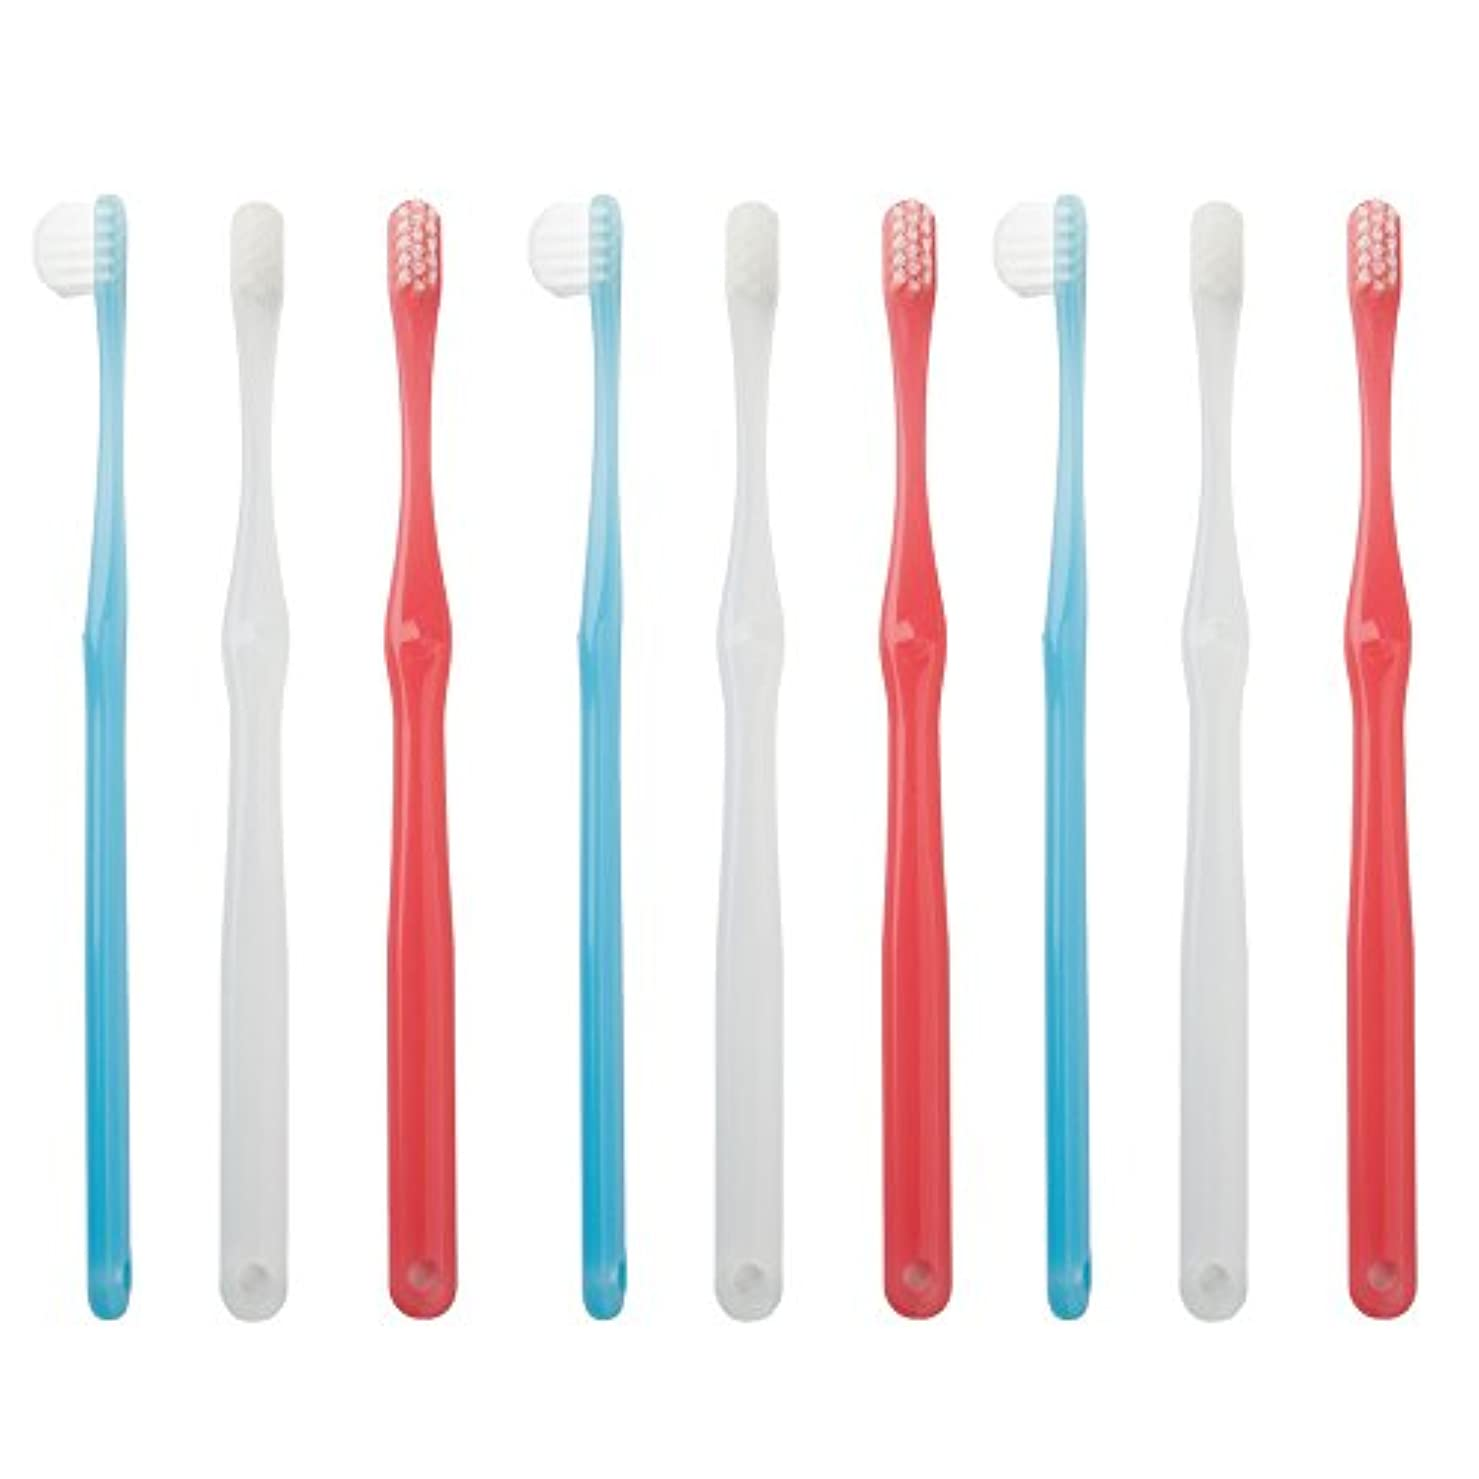 【9本入り】魔法のワハハ歯ブラシ